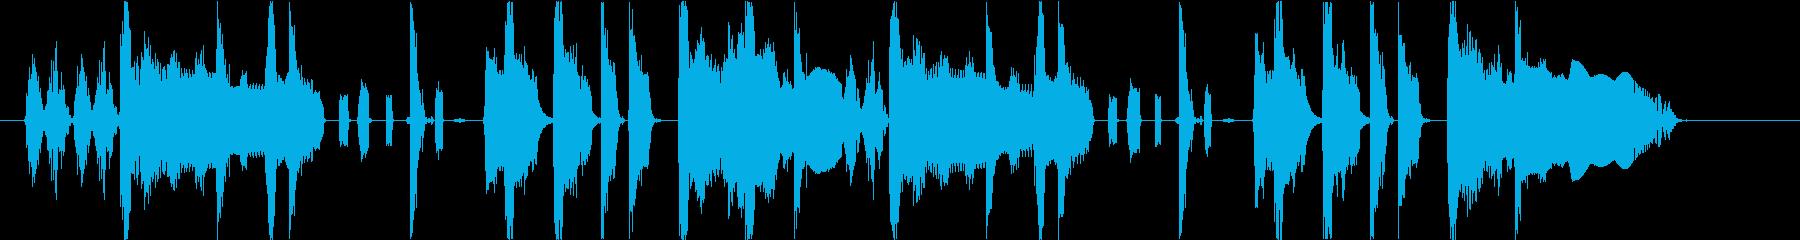 ファンキーなサウンドロゴの再生済みの波形